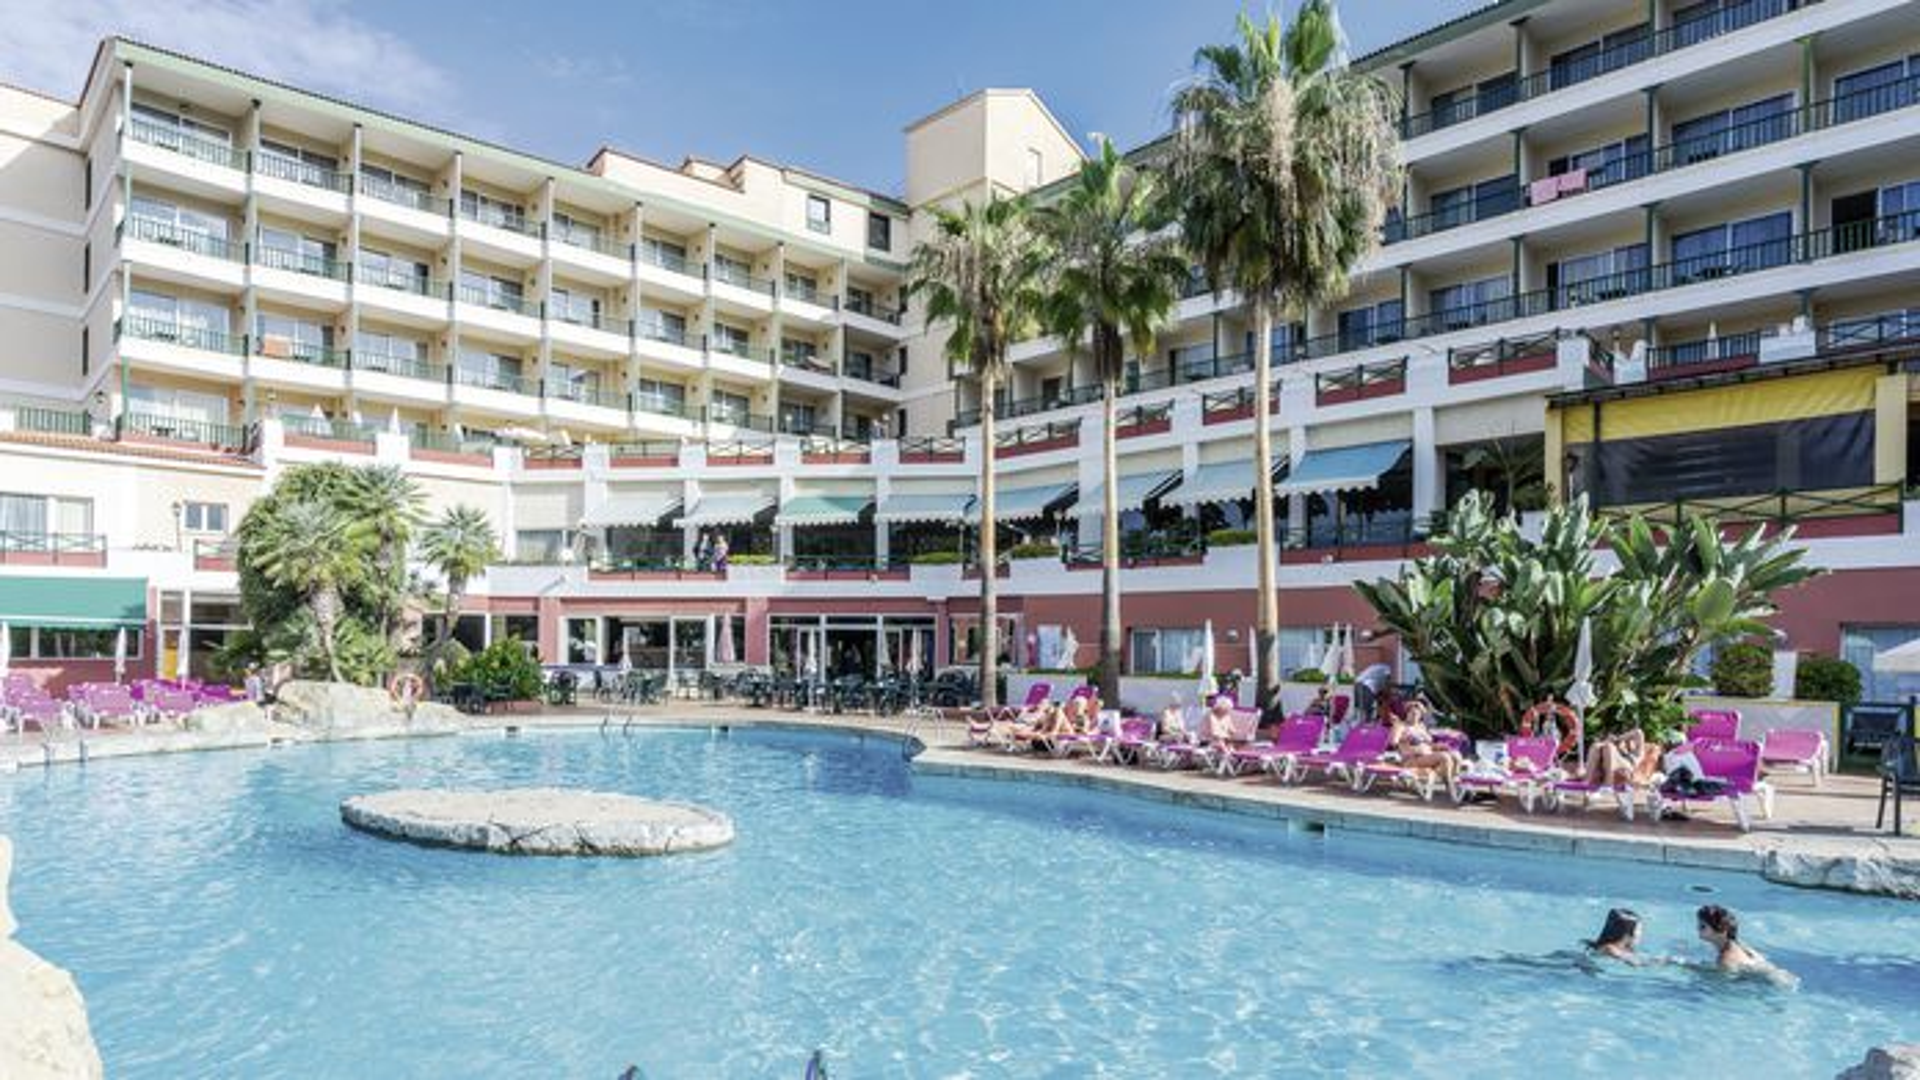 Séjour Tenerife - Hotel Blue Sea Costa Jardin & Spa - 4*